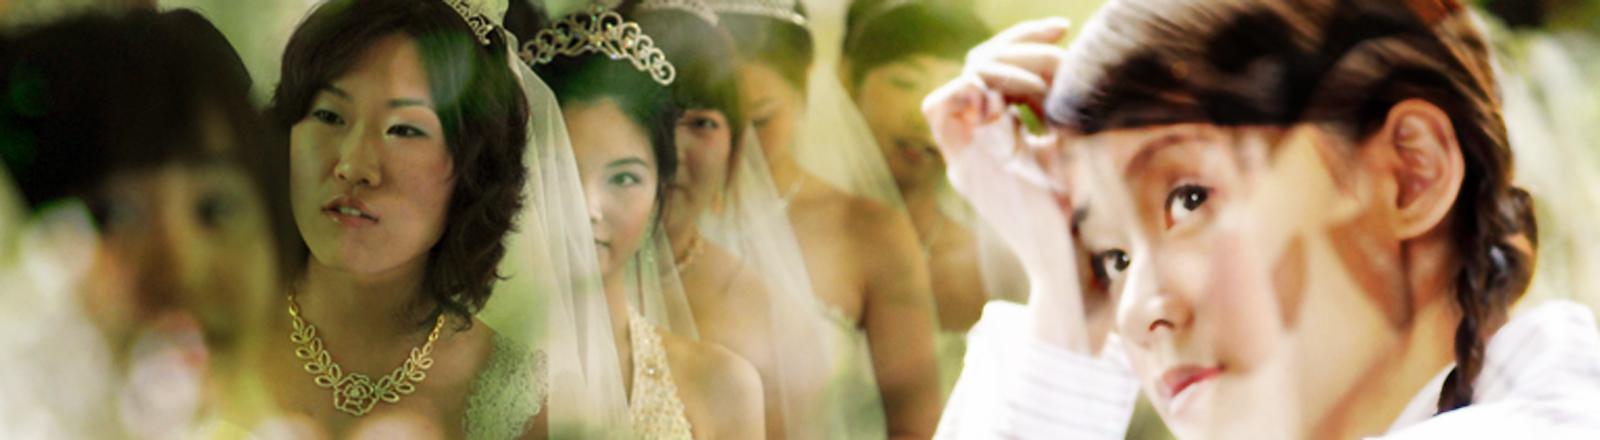 Eine Chinesin blickt sehnsuchtsvoll auf Frauen im Hochzeitskleid.